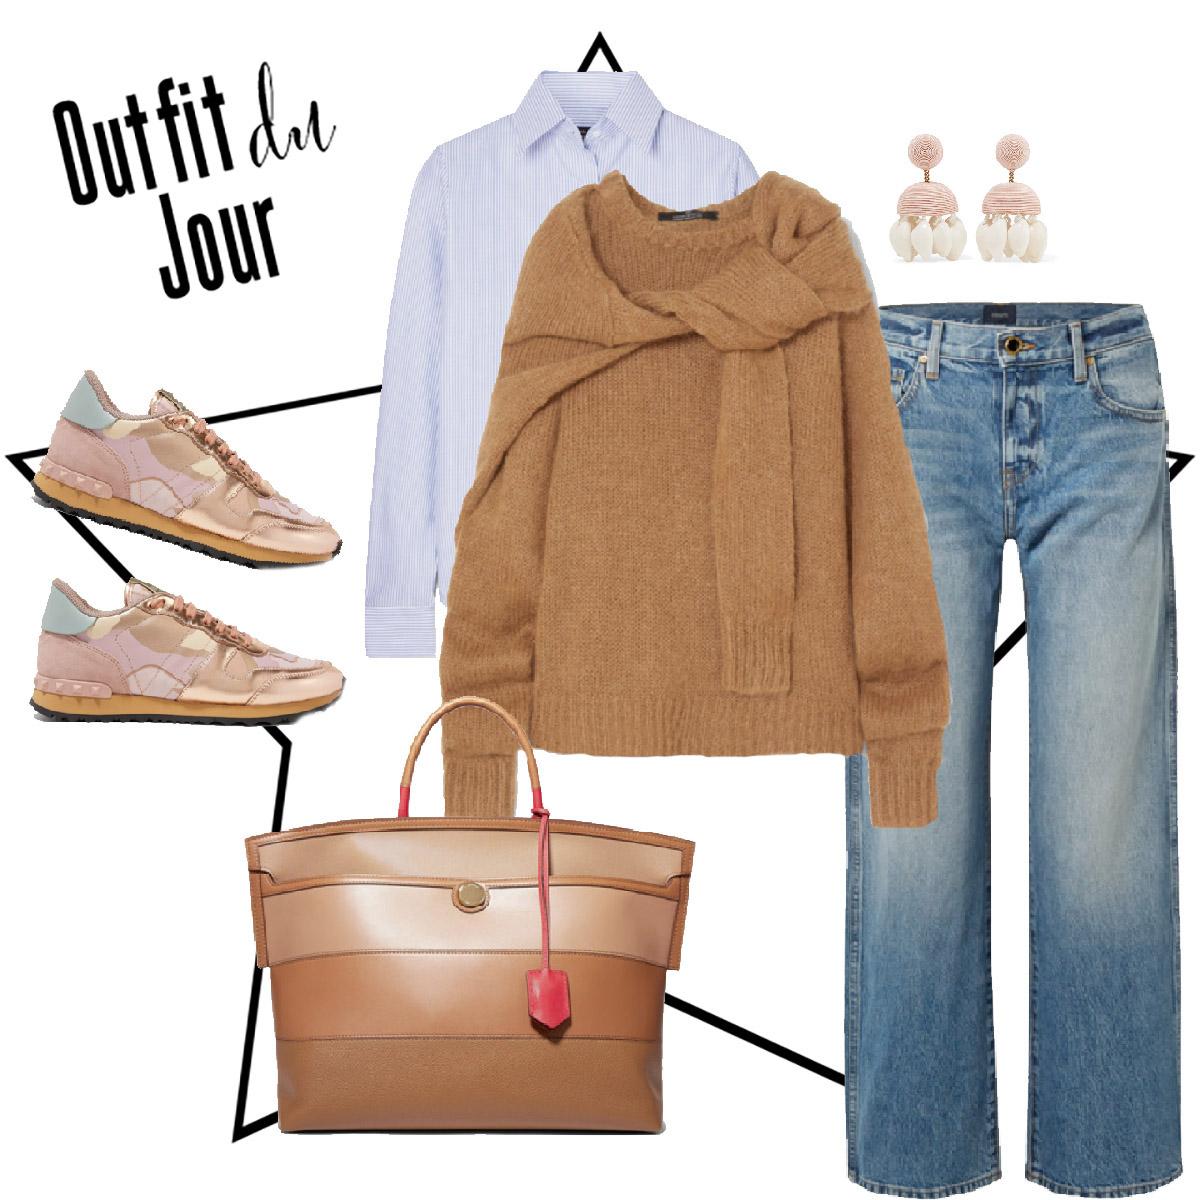 Outfit du Jour returns